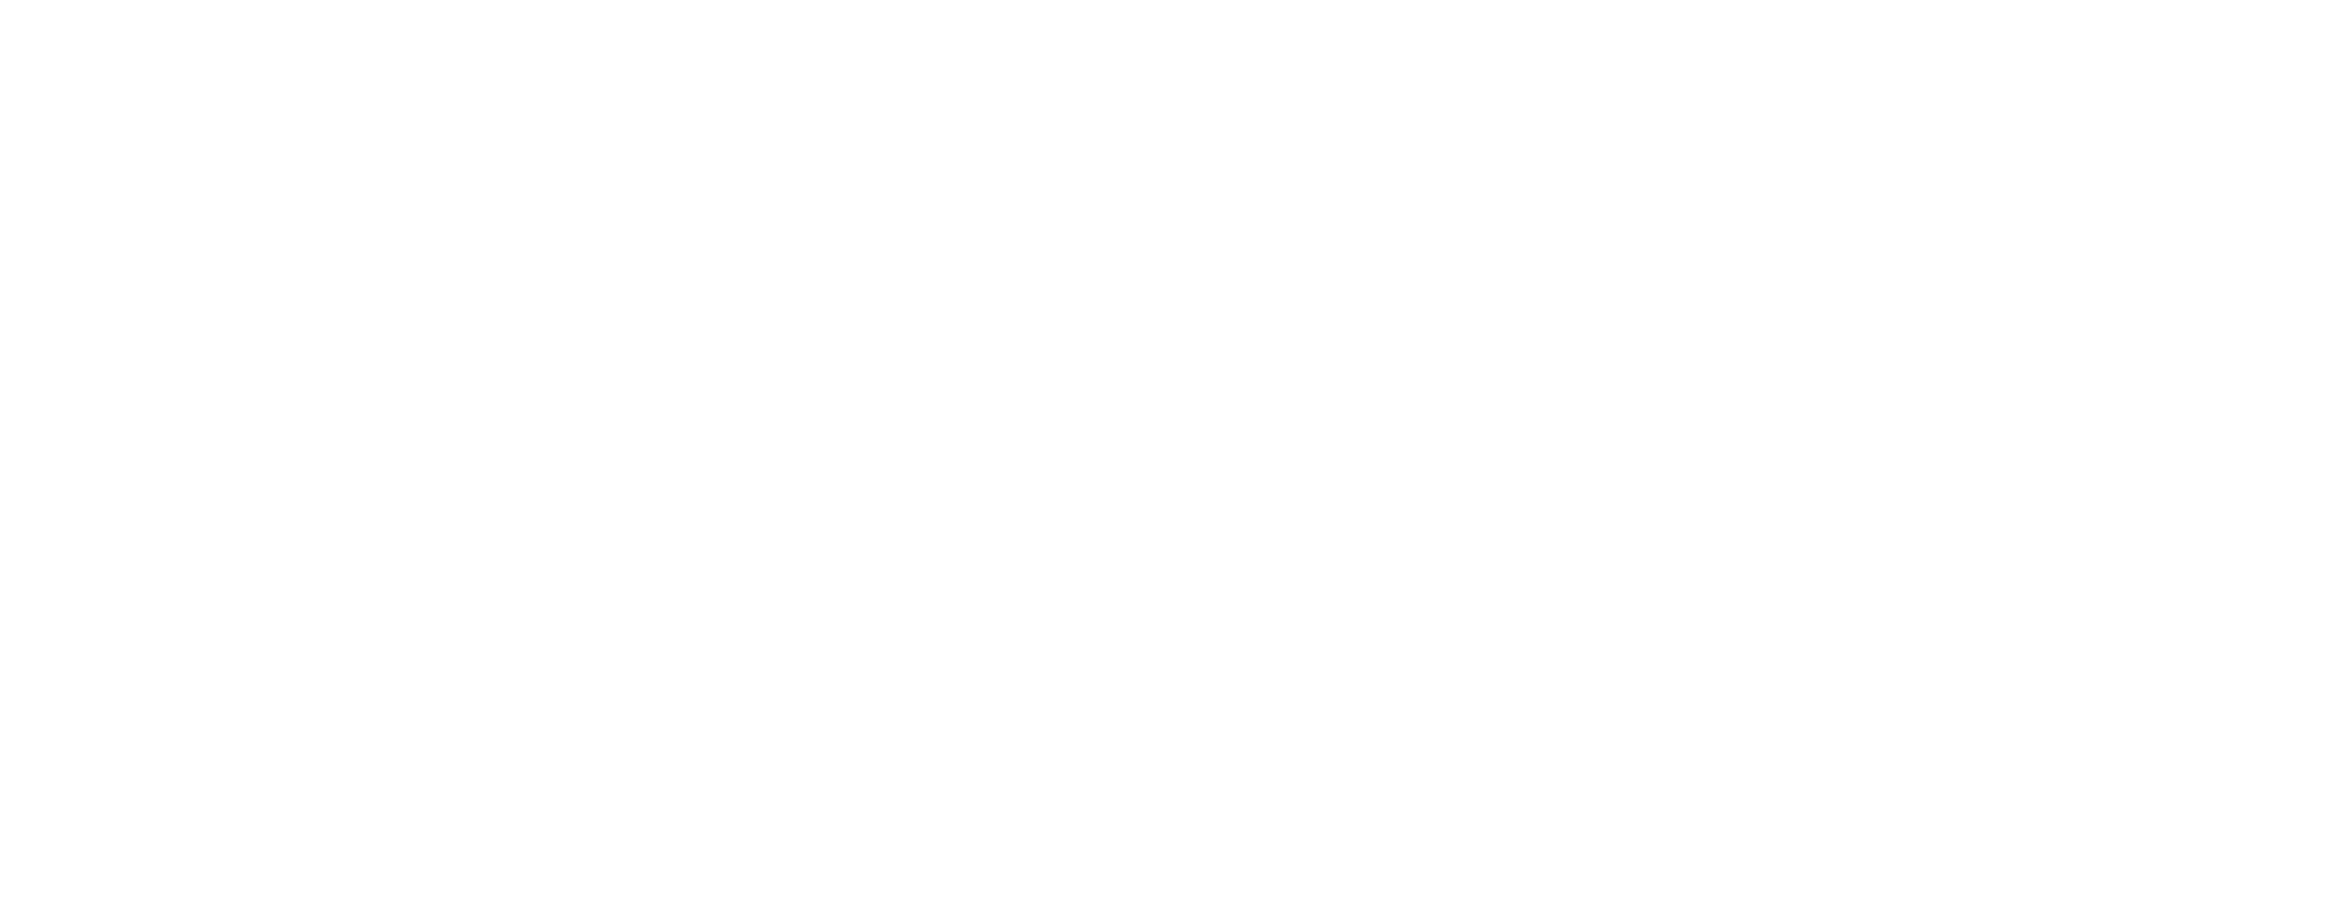 cargo_chief_w